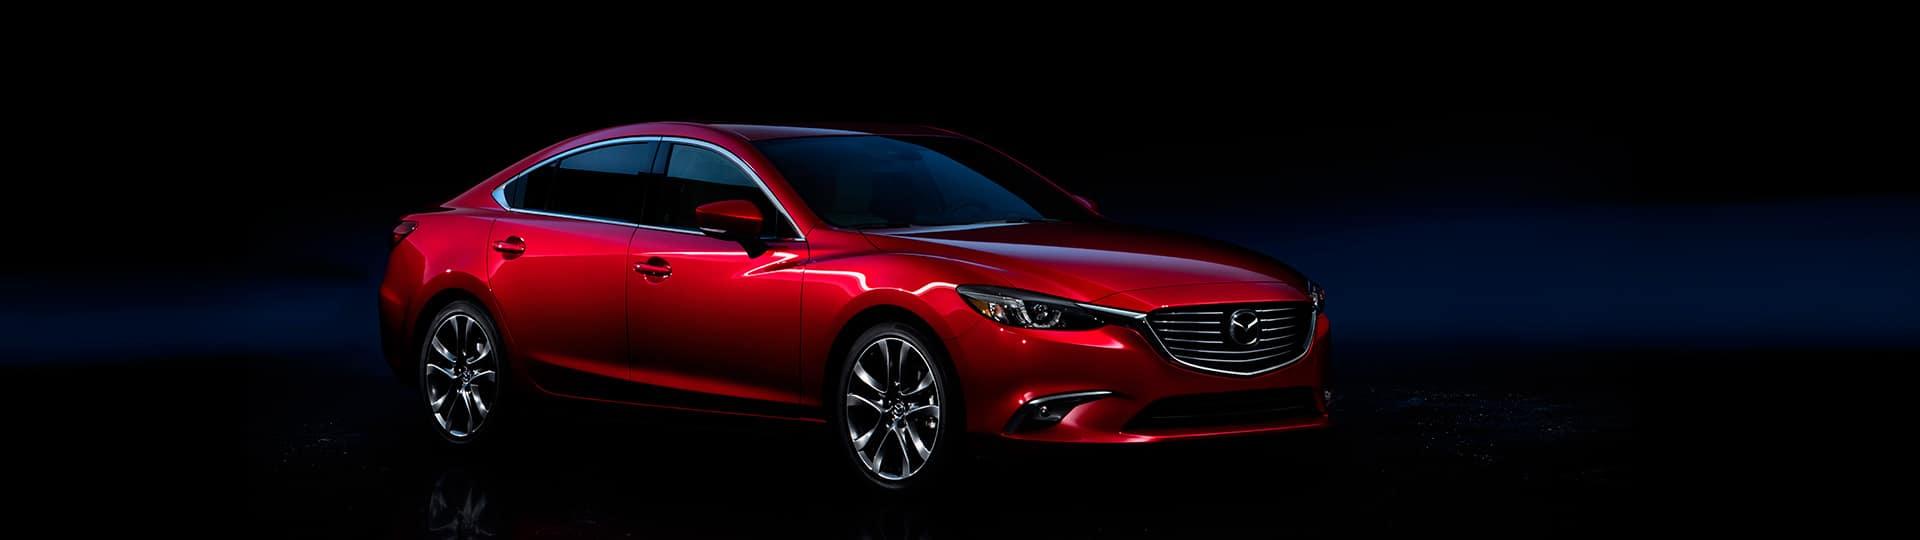 2018 Mazda6 red